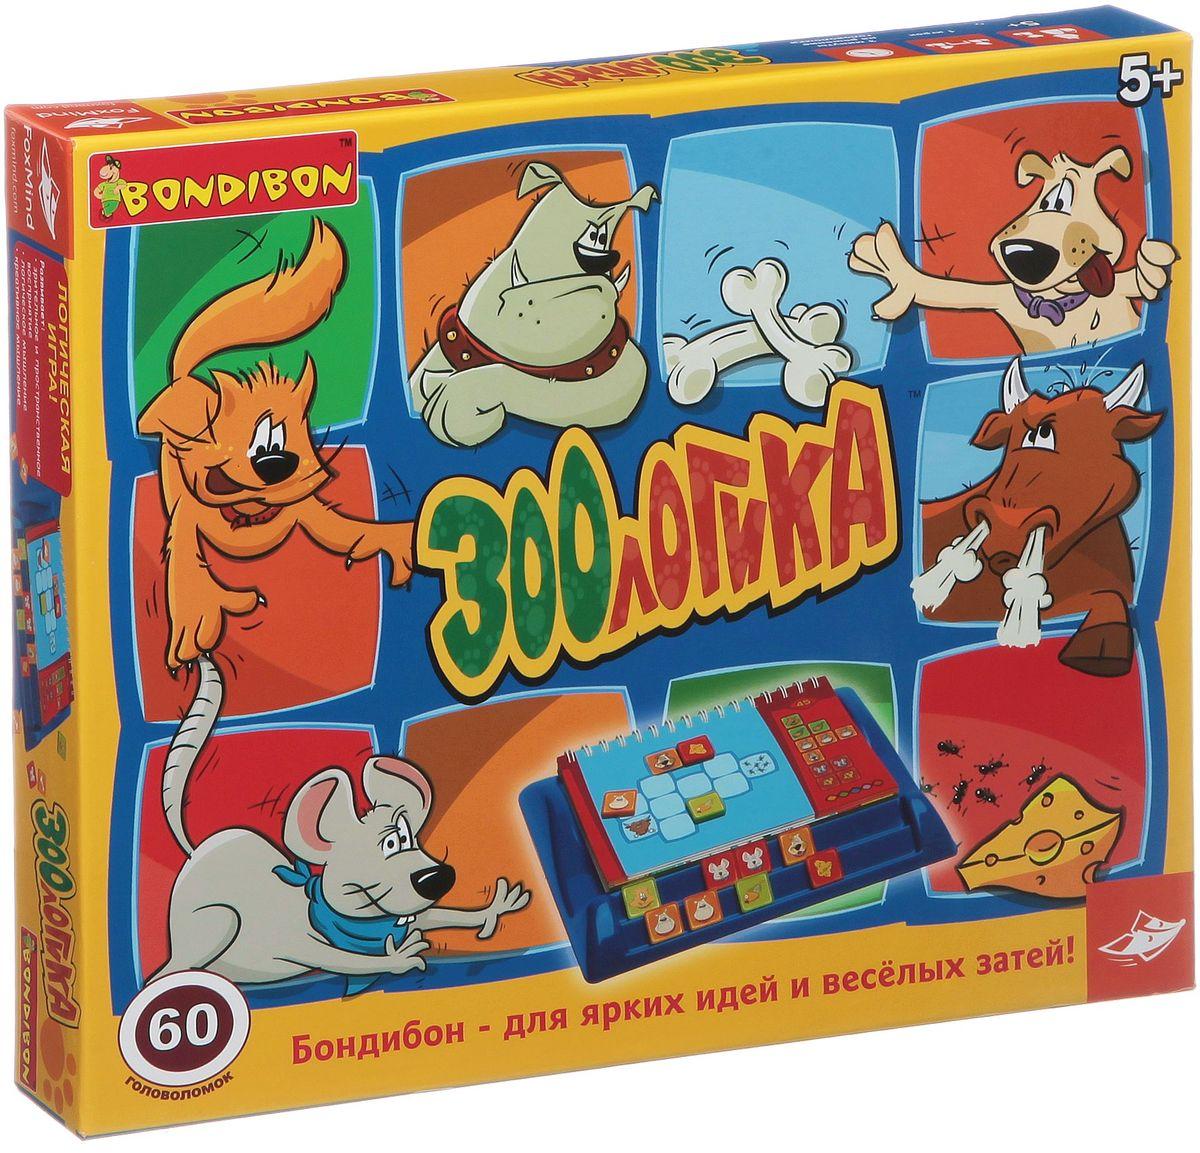 Bondibon Развивающая игра ЗоологикаВВ1148Какие животные могут мирно уживаться рядом, а каких нельзя подпускать близко друг к другу, чтобы они не поссорились? Что предпочитает на обед кошка, чем любит лакомиться мышка или собачка? На эти вопросы ответит настольная логическая игра Зоологика, состоящая из 60 головоломок с 5 уровнями сложности. Она развивает зрительное и пространственное восприятие, а также логическое и креативное мышление. В заданиях различной сложности нужно разместить животных на карточках так, чтобы они не ссорились и при этом могли полакомиться любимой едой. На первый взгляд, задача несложная, но в процессе игры выясняется, что справиться с ней не так просто. Не беда, если не получится сразу правильно разместить животных и их любимые лакомства – можно воспользоваться подсказкой в буклете. Но если игрок вооружится логикой, то вполне сможет обойтись без подсказок. Игра имеет несколько уровней сложности, поэтому играть в Зоологику интересно и малышам, и школьникам, и даже...